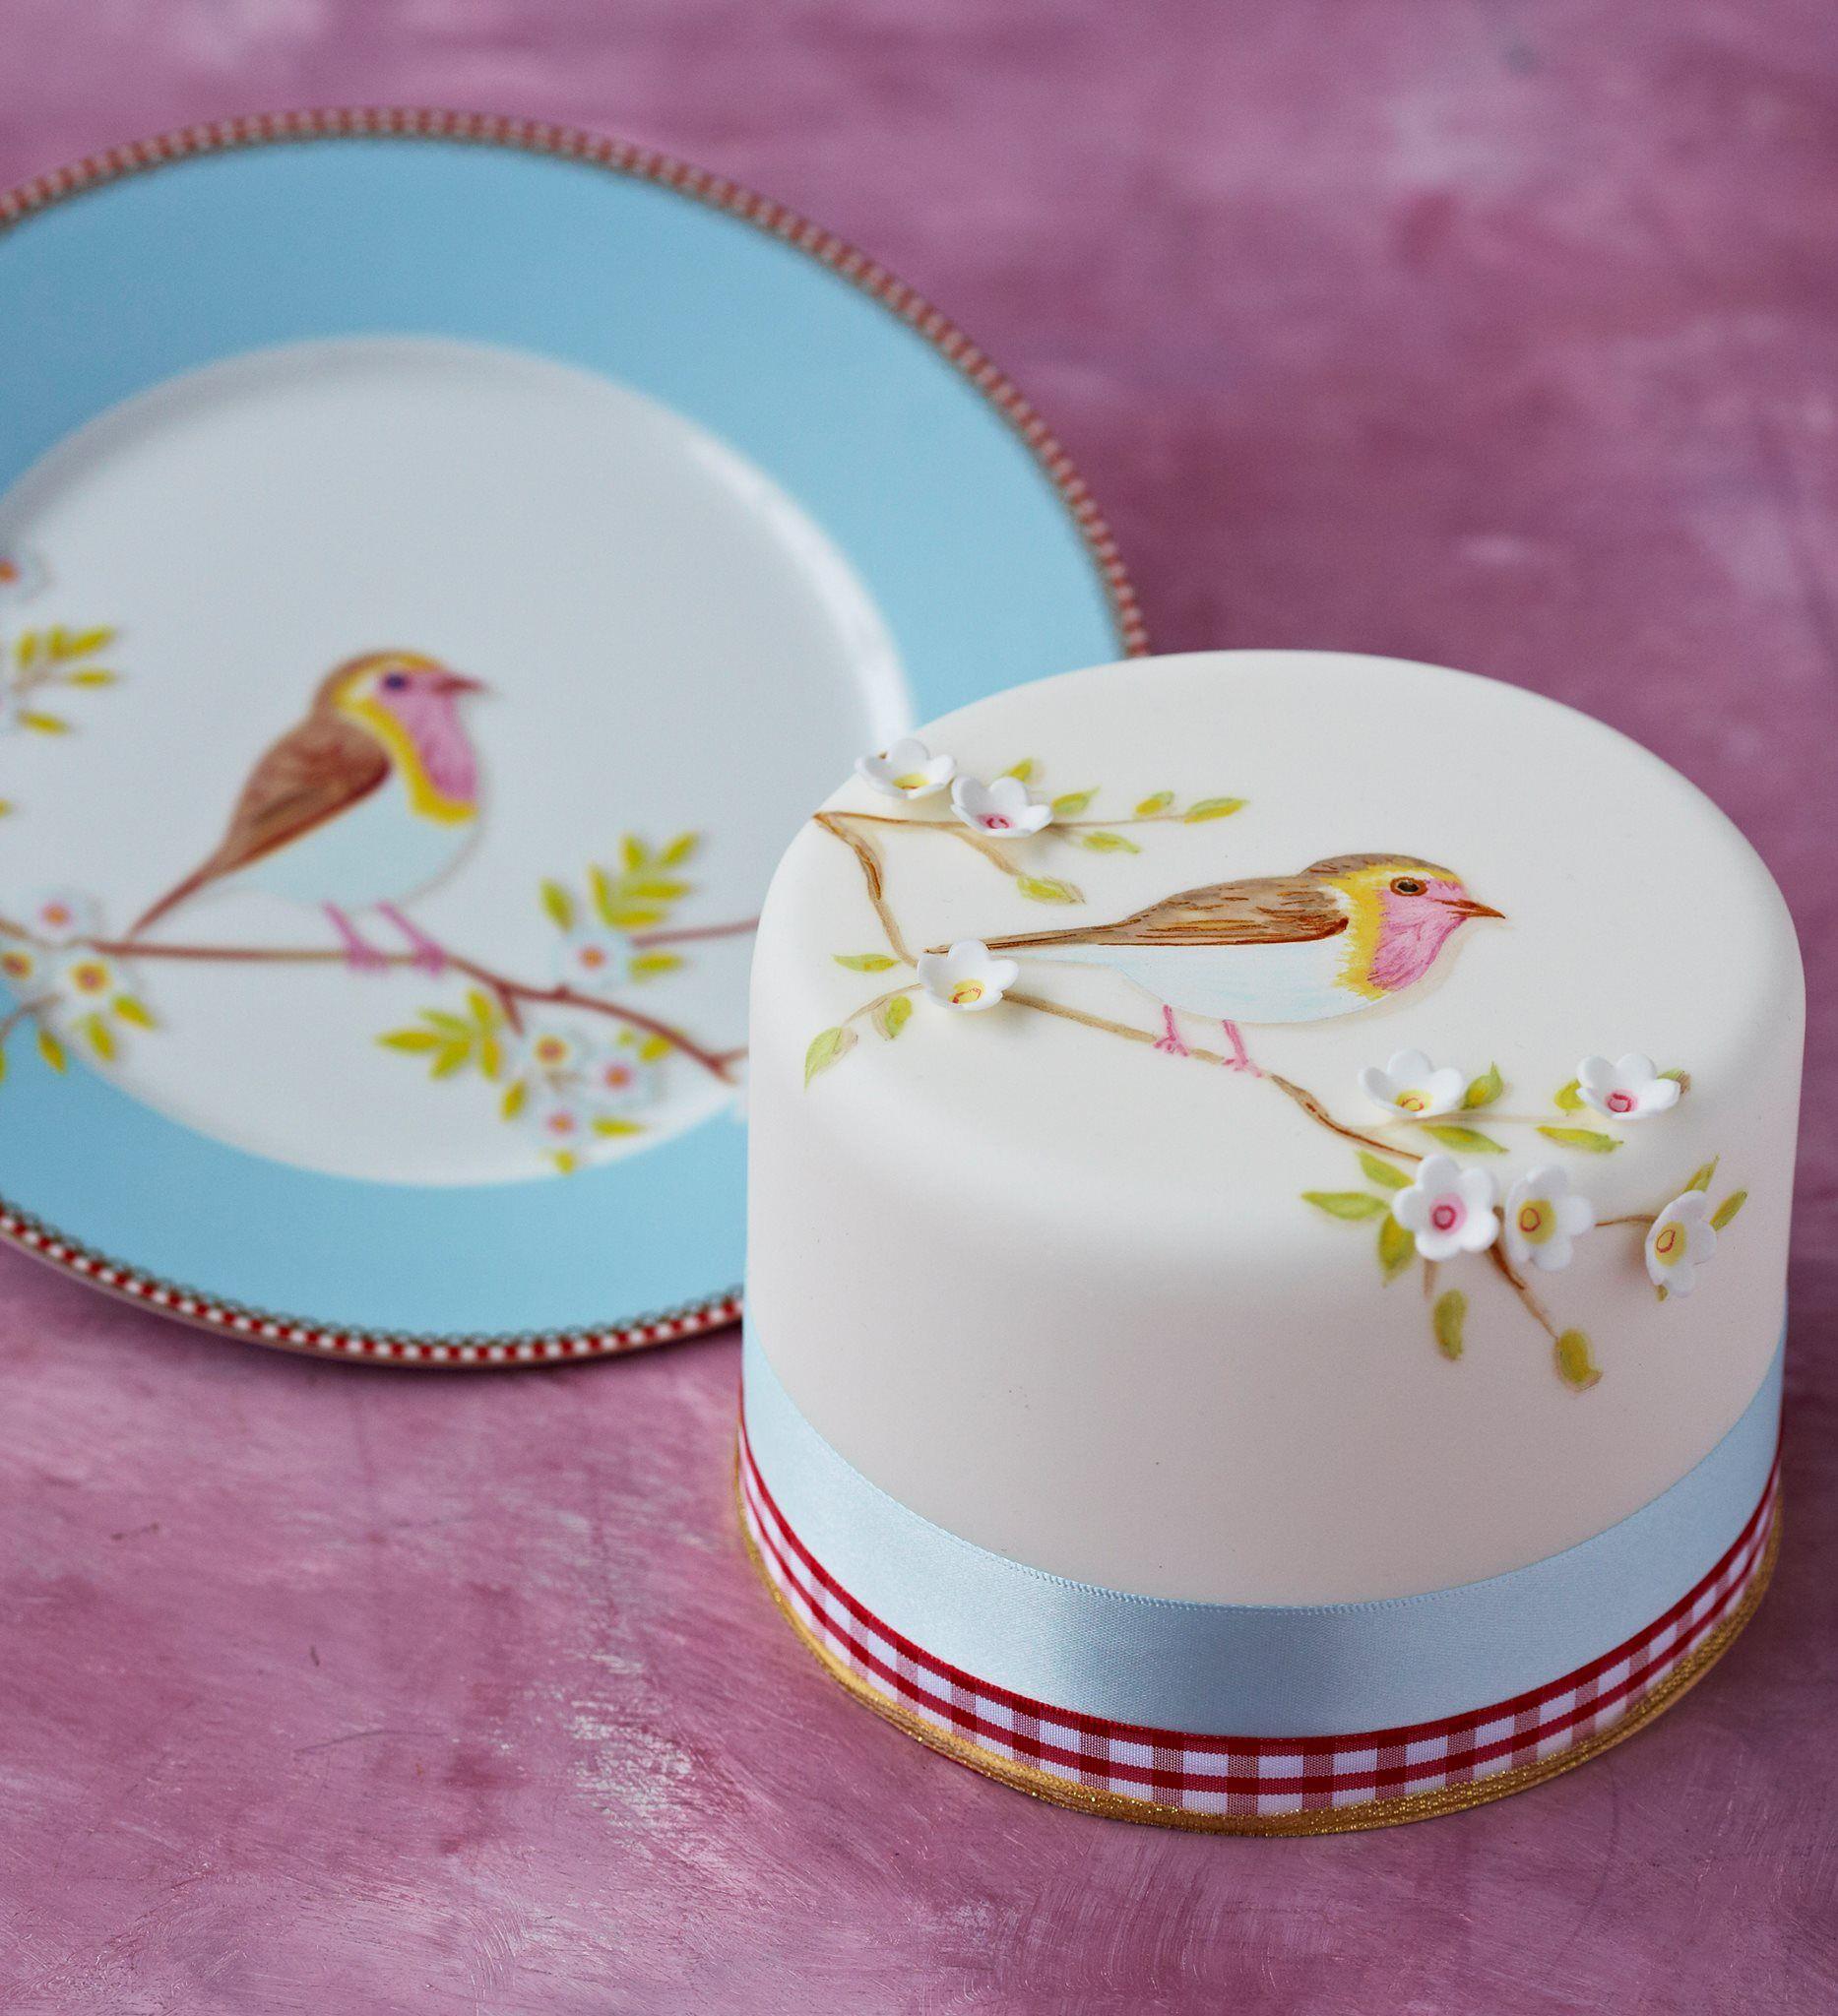 Zoe clark cakes pip studio cakes eulen v gelchen for Kuchen design studio hallstadt